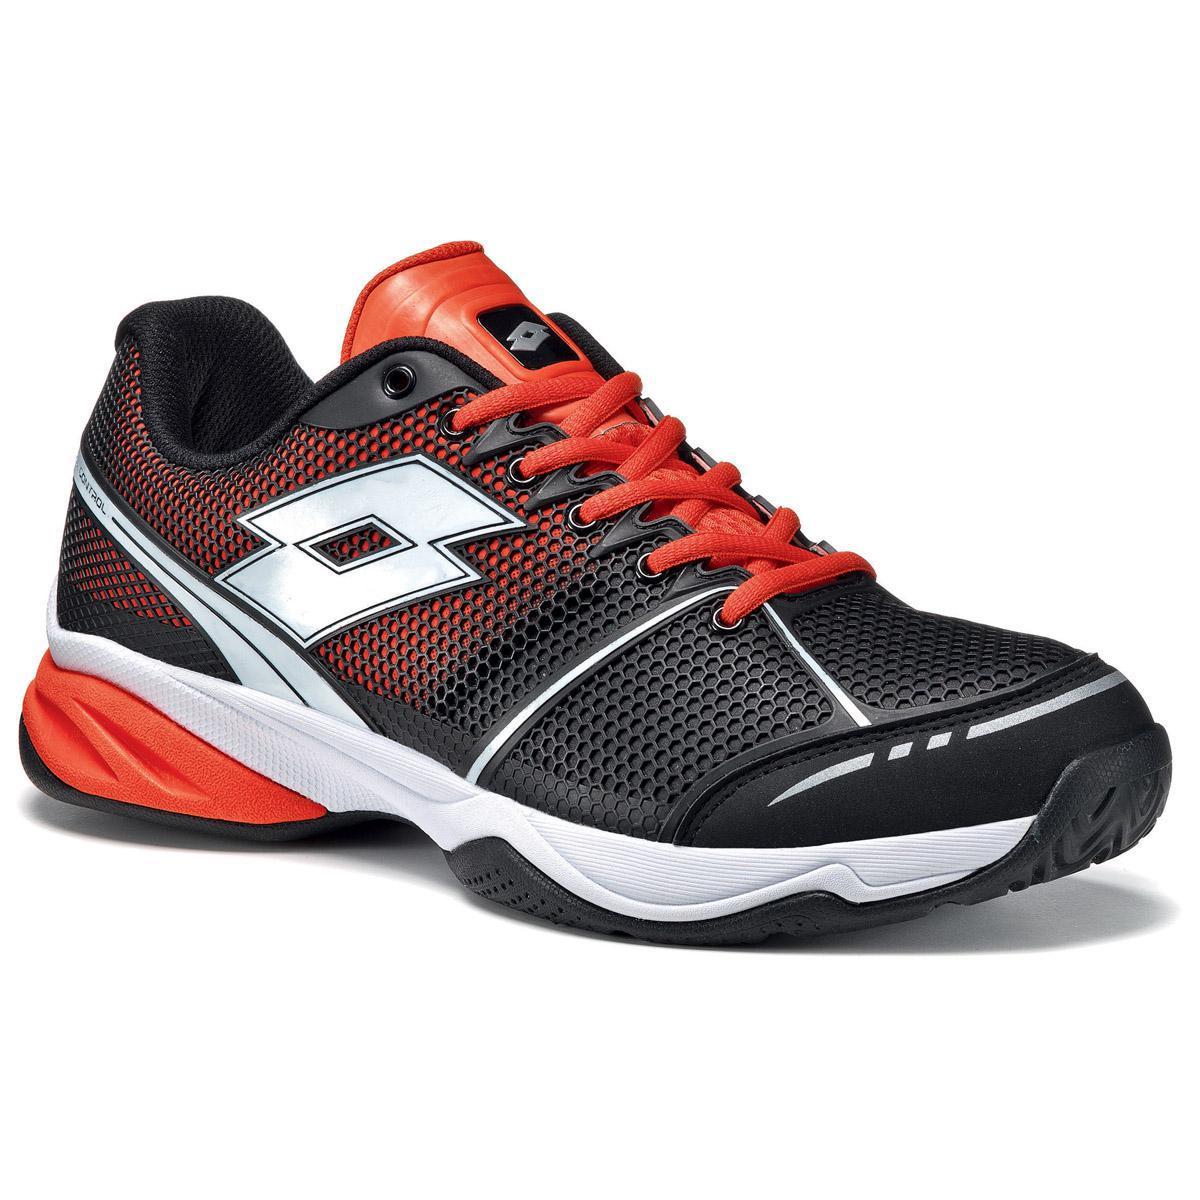 Lotto Mens Viper Ultra Tennis Shoes